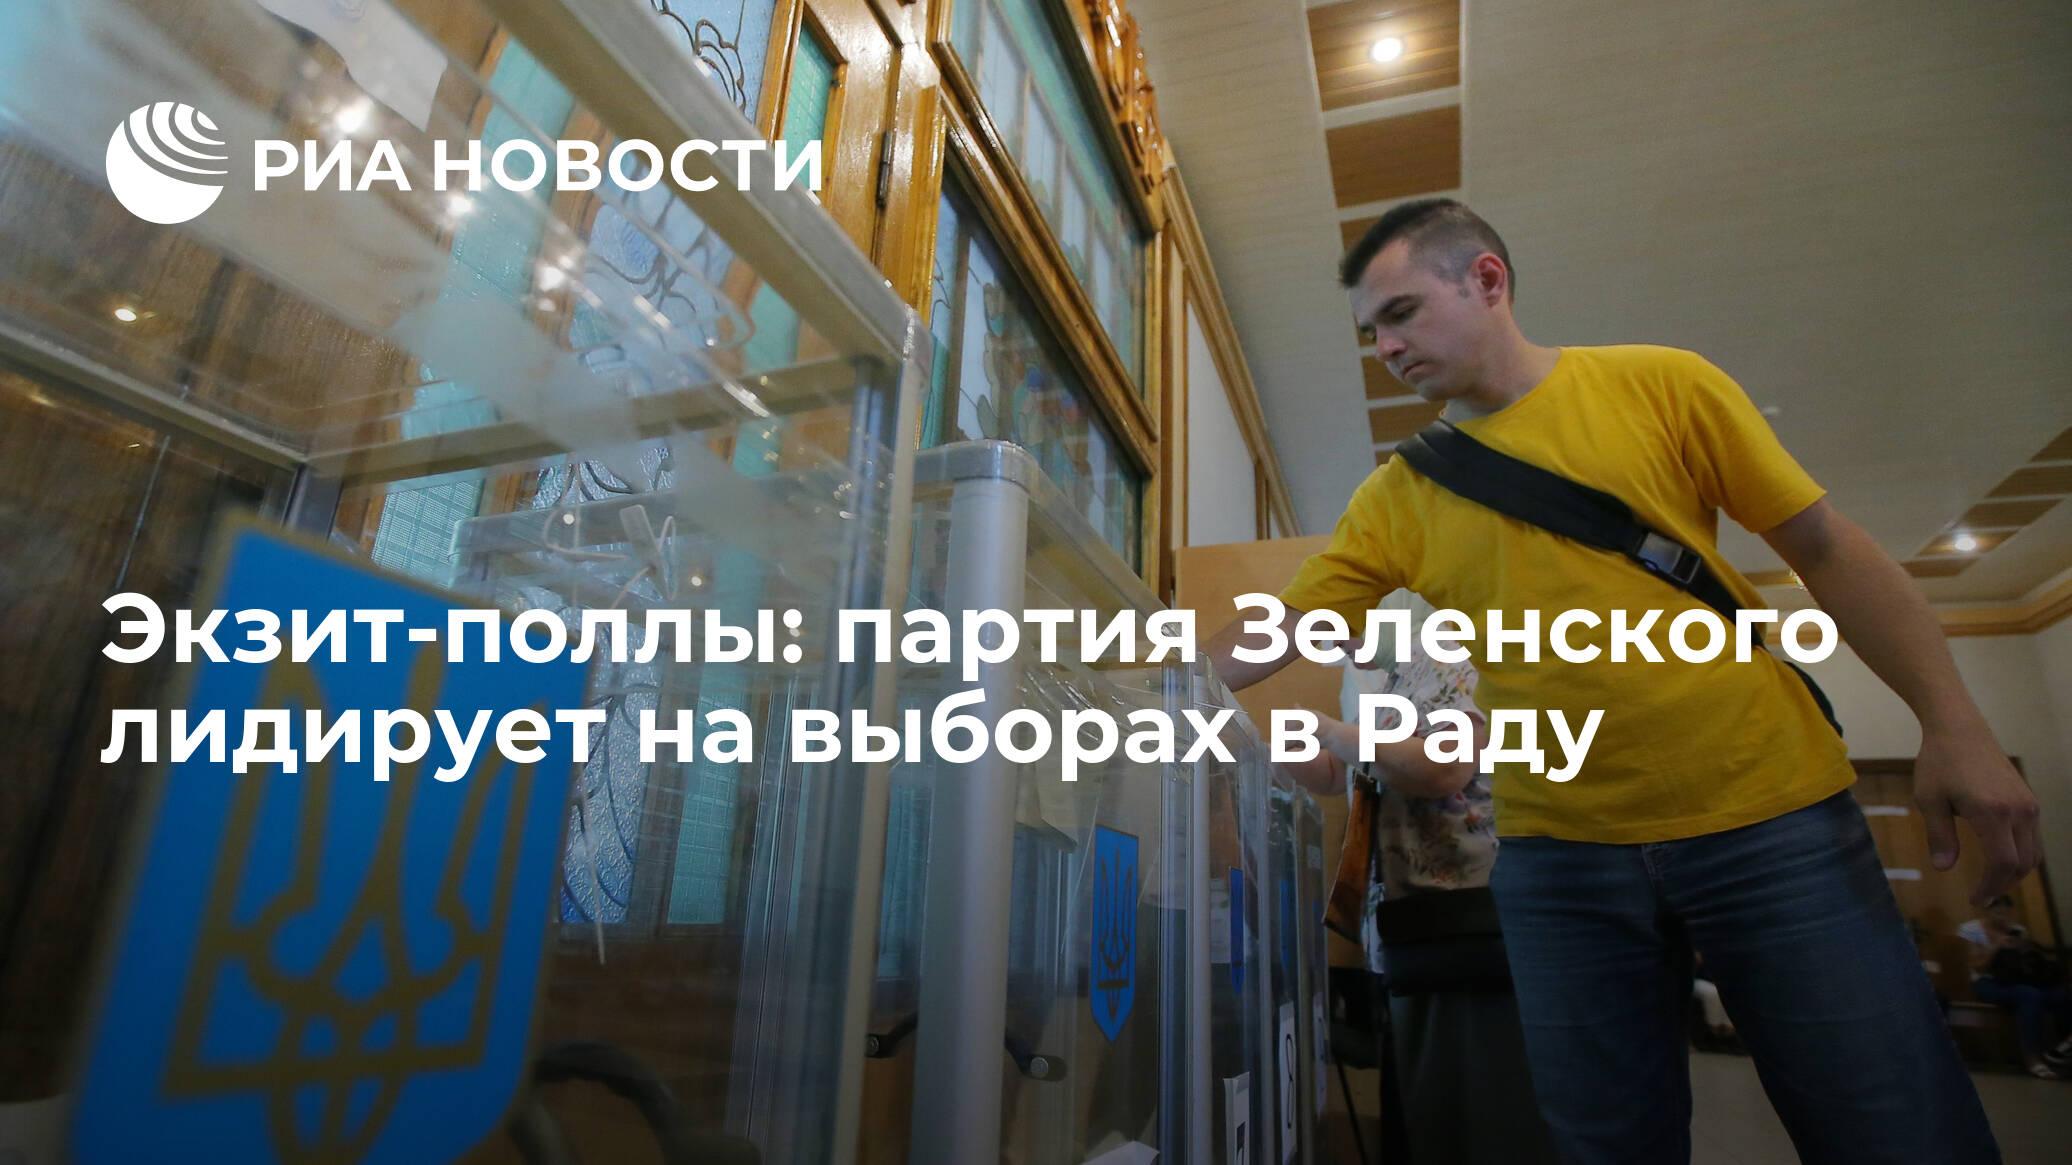 Экзит-поллы: партия Зеленского лидирует на выборах в Раду